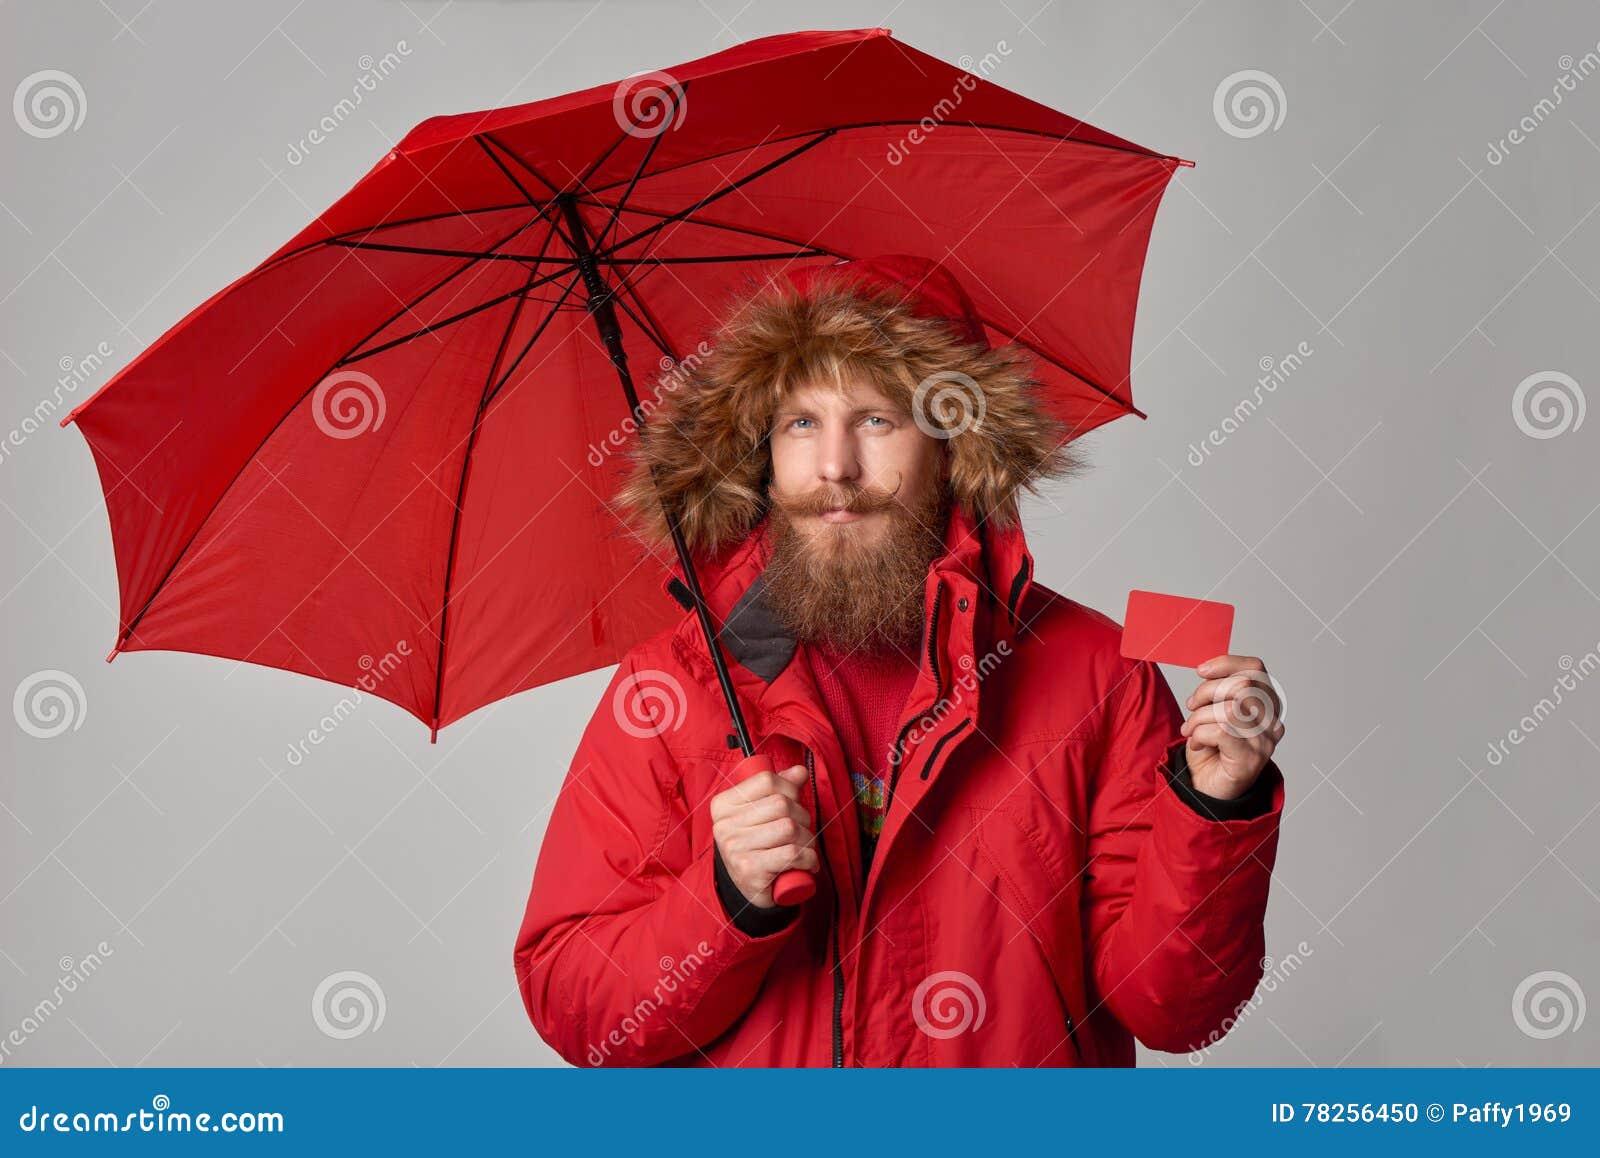 Άτομο στο χειμερινό σακάκι με την ομπρέλα που παρουσιάζει κενή πιστωτική κάρτα